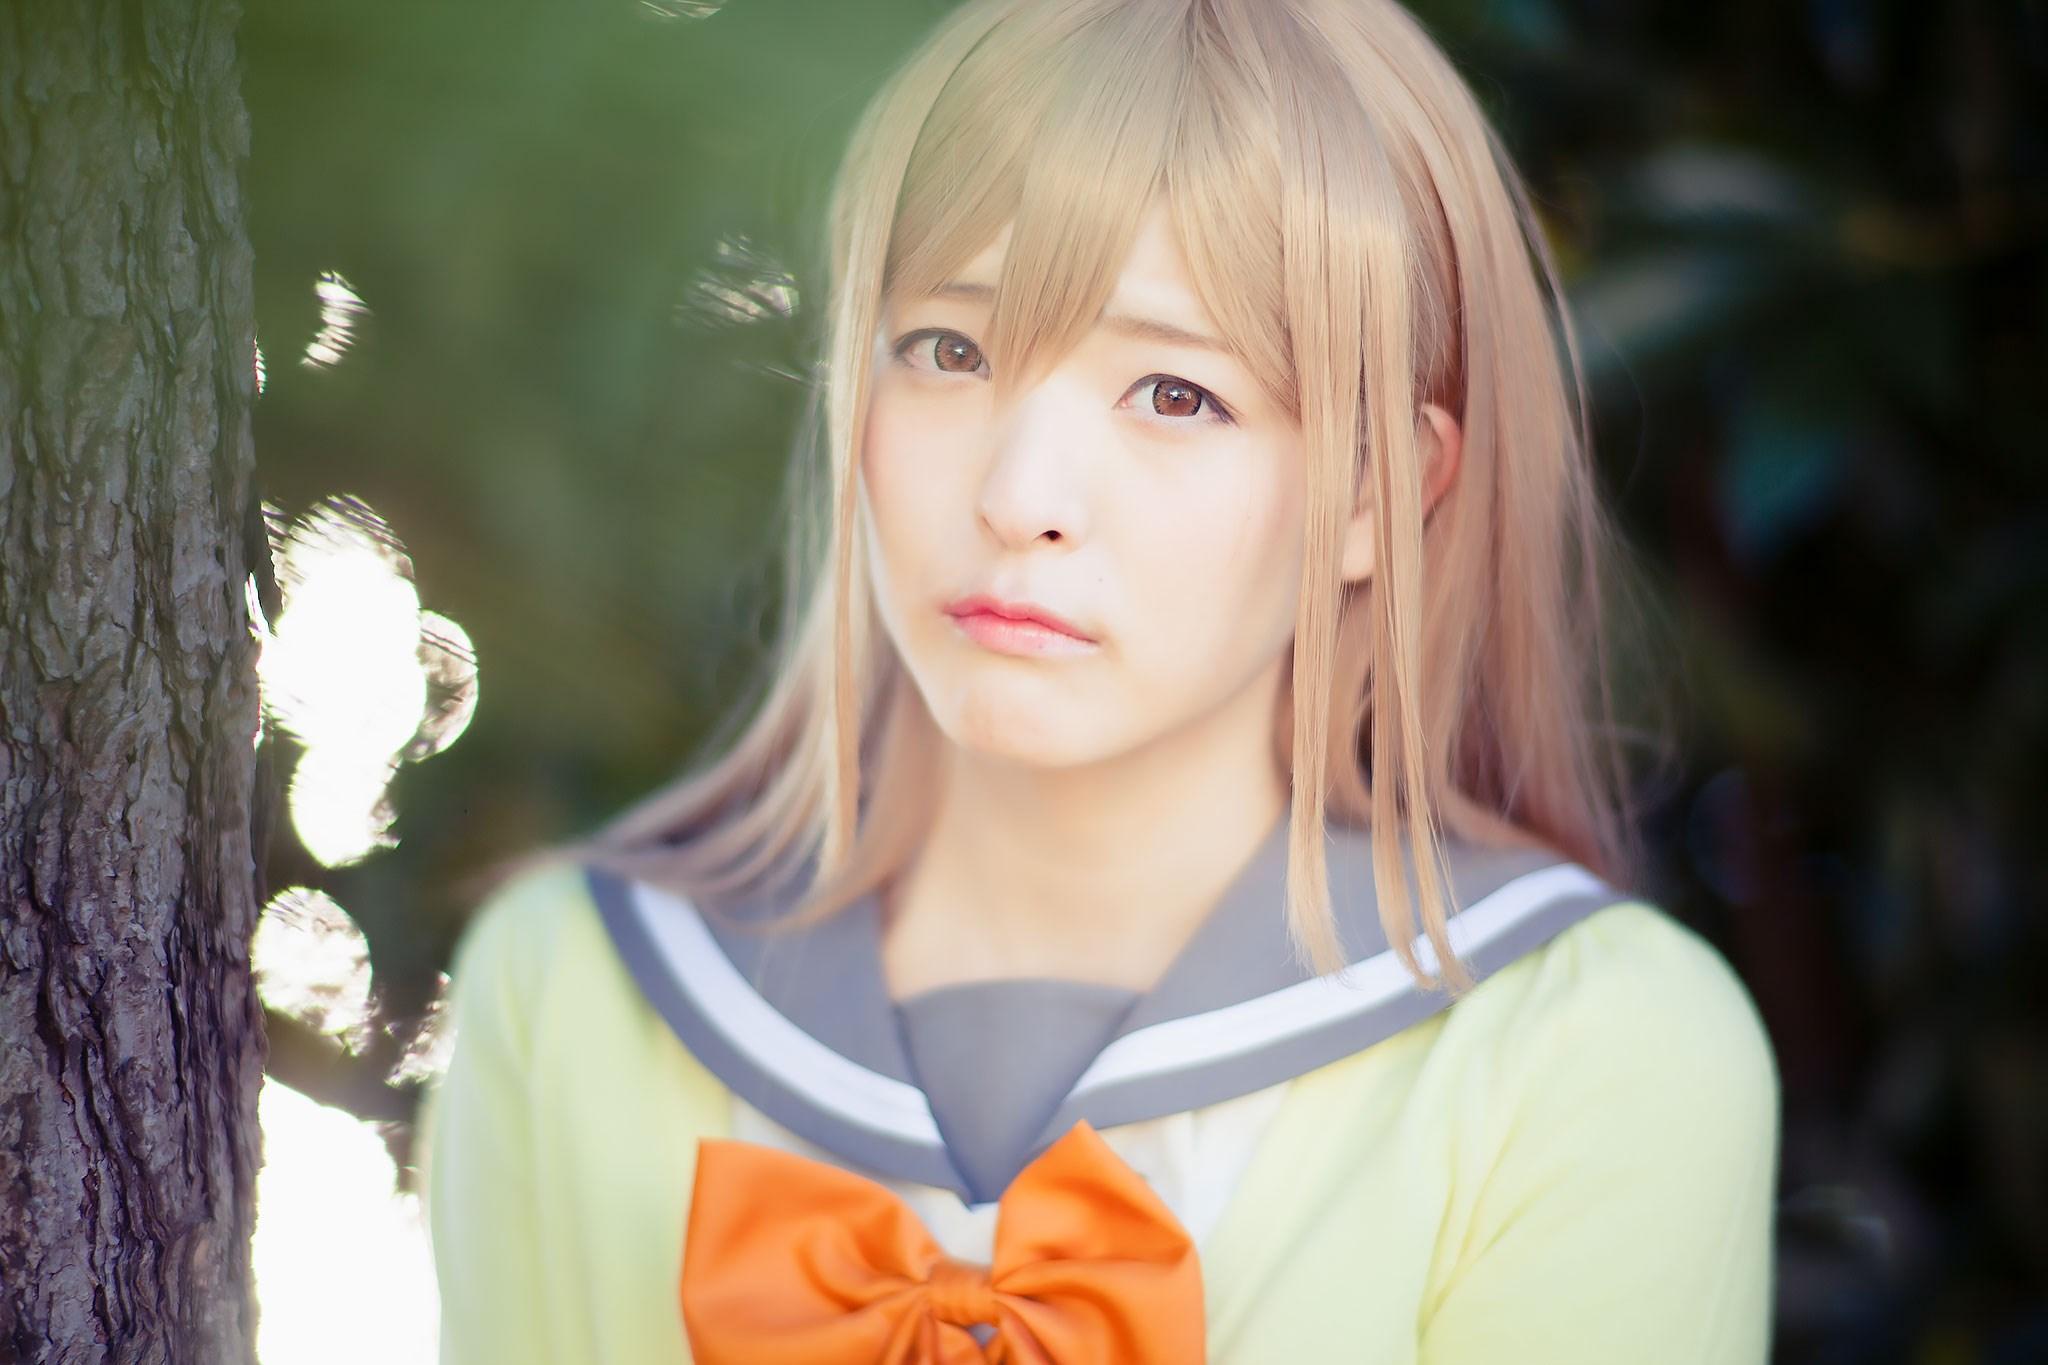 【兔玩映画】阳光与少女 兔玩映画 第39张